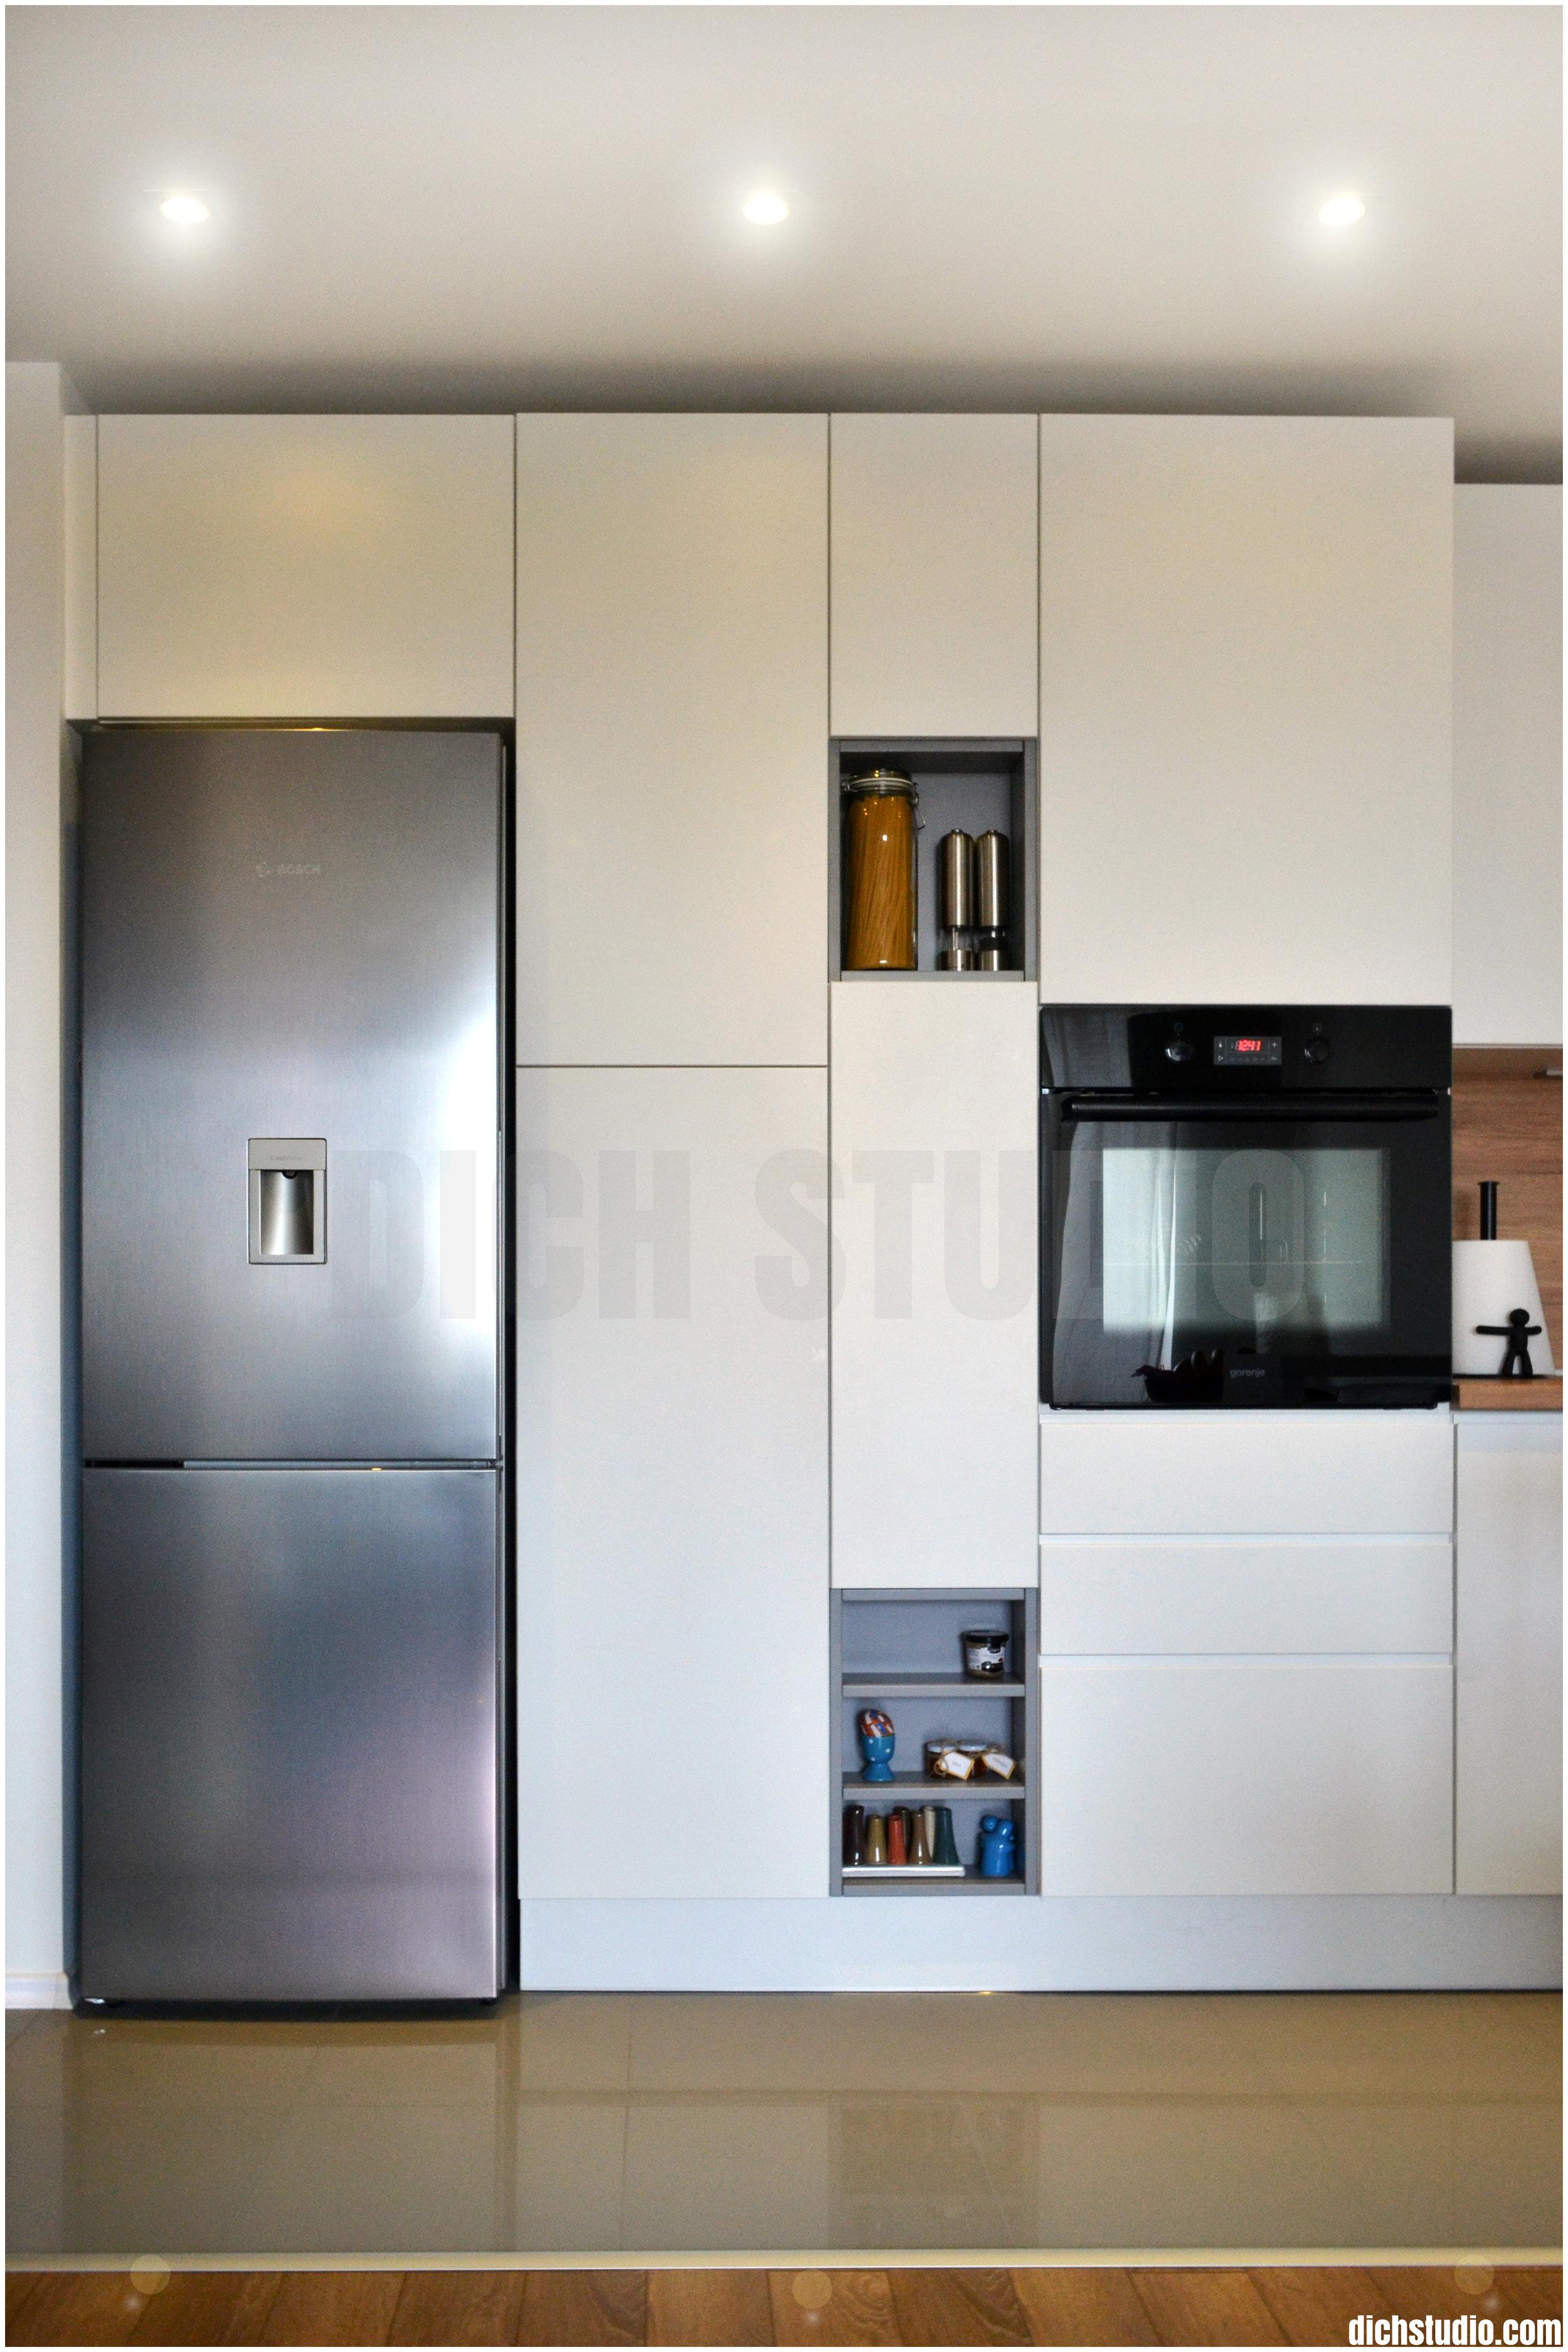 Снимка интериорен дизайн кухня модерна бяла София